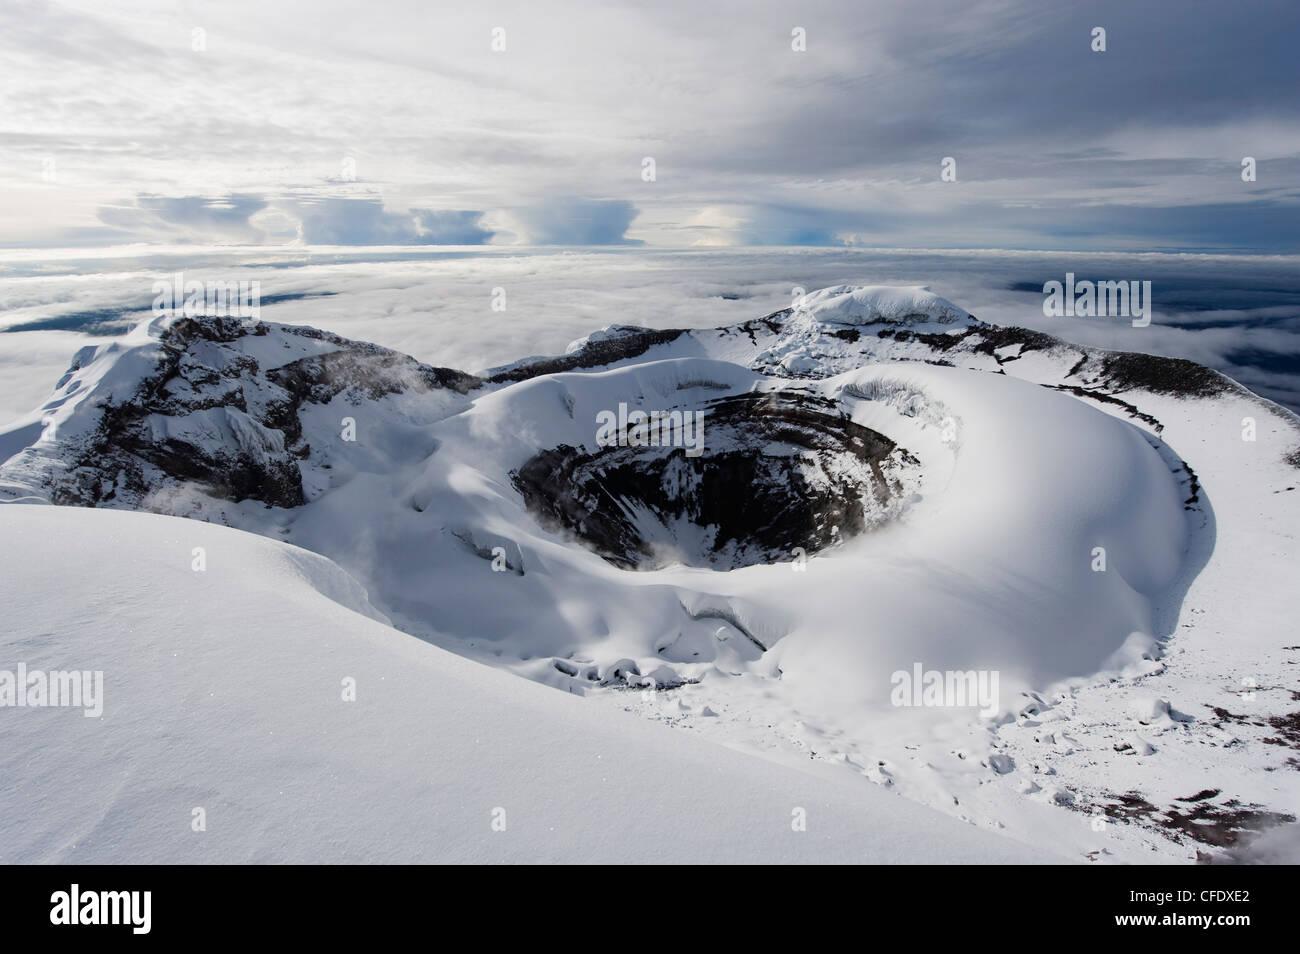 El cráter de la Cumbre, el volcán Cotopaxi, con 5897 metros, el volcán activo más alto del mundo, Imagen De Stock